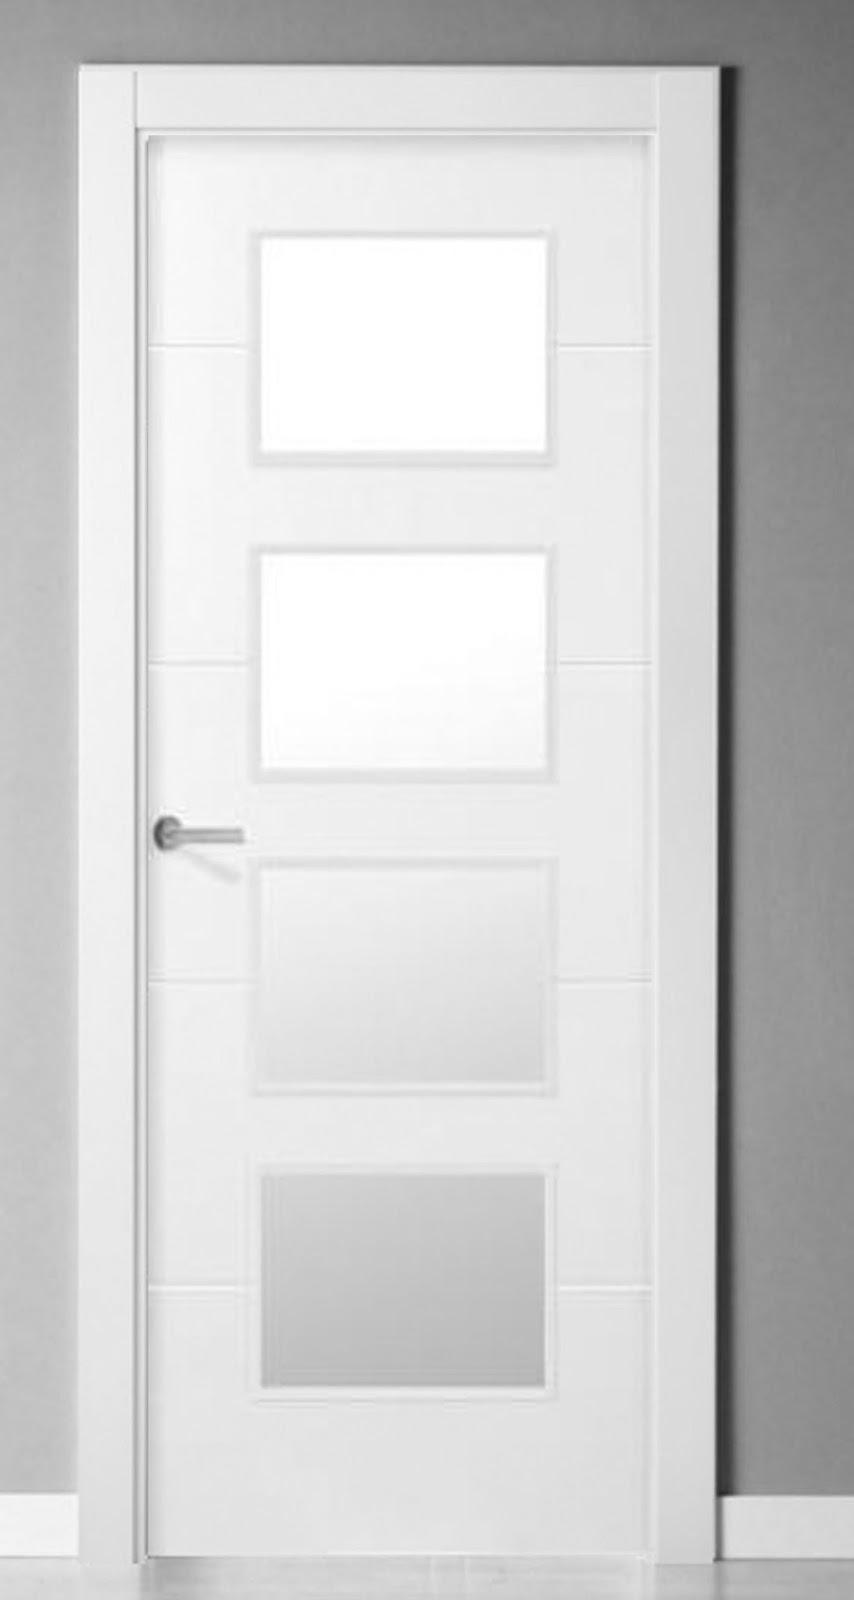 Casas en venta alca iz s l u puertas de paso edificios - Vidrieras para puertas ...